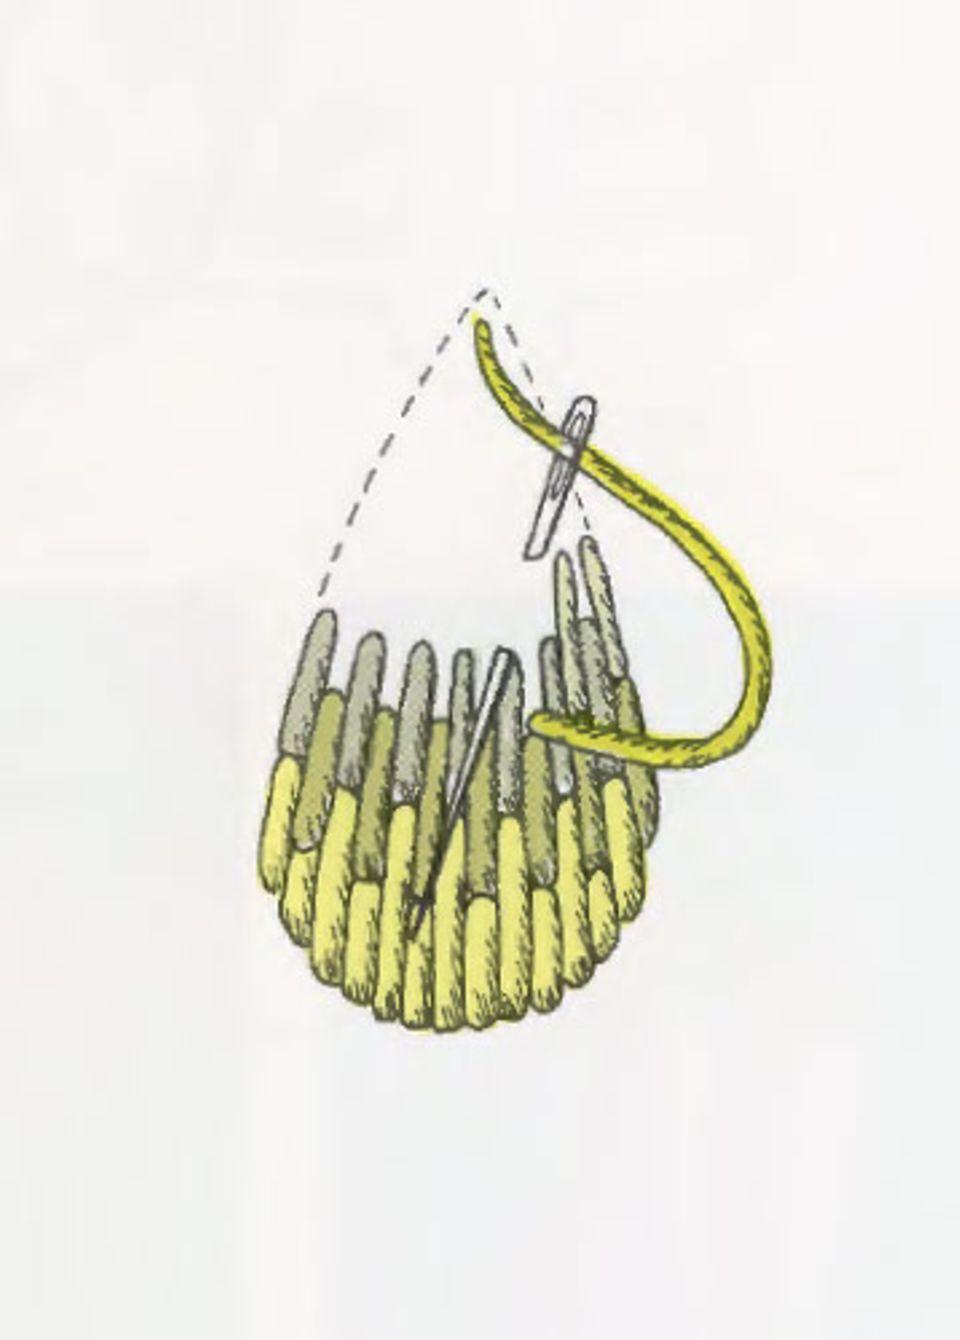 Sticken lernen: Nadelmalerei